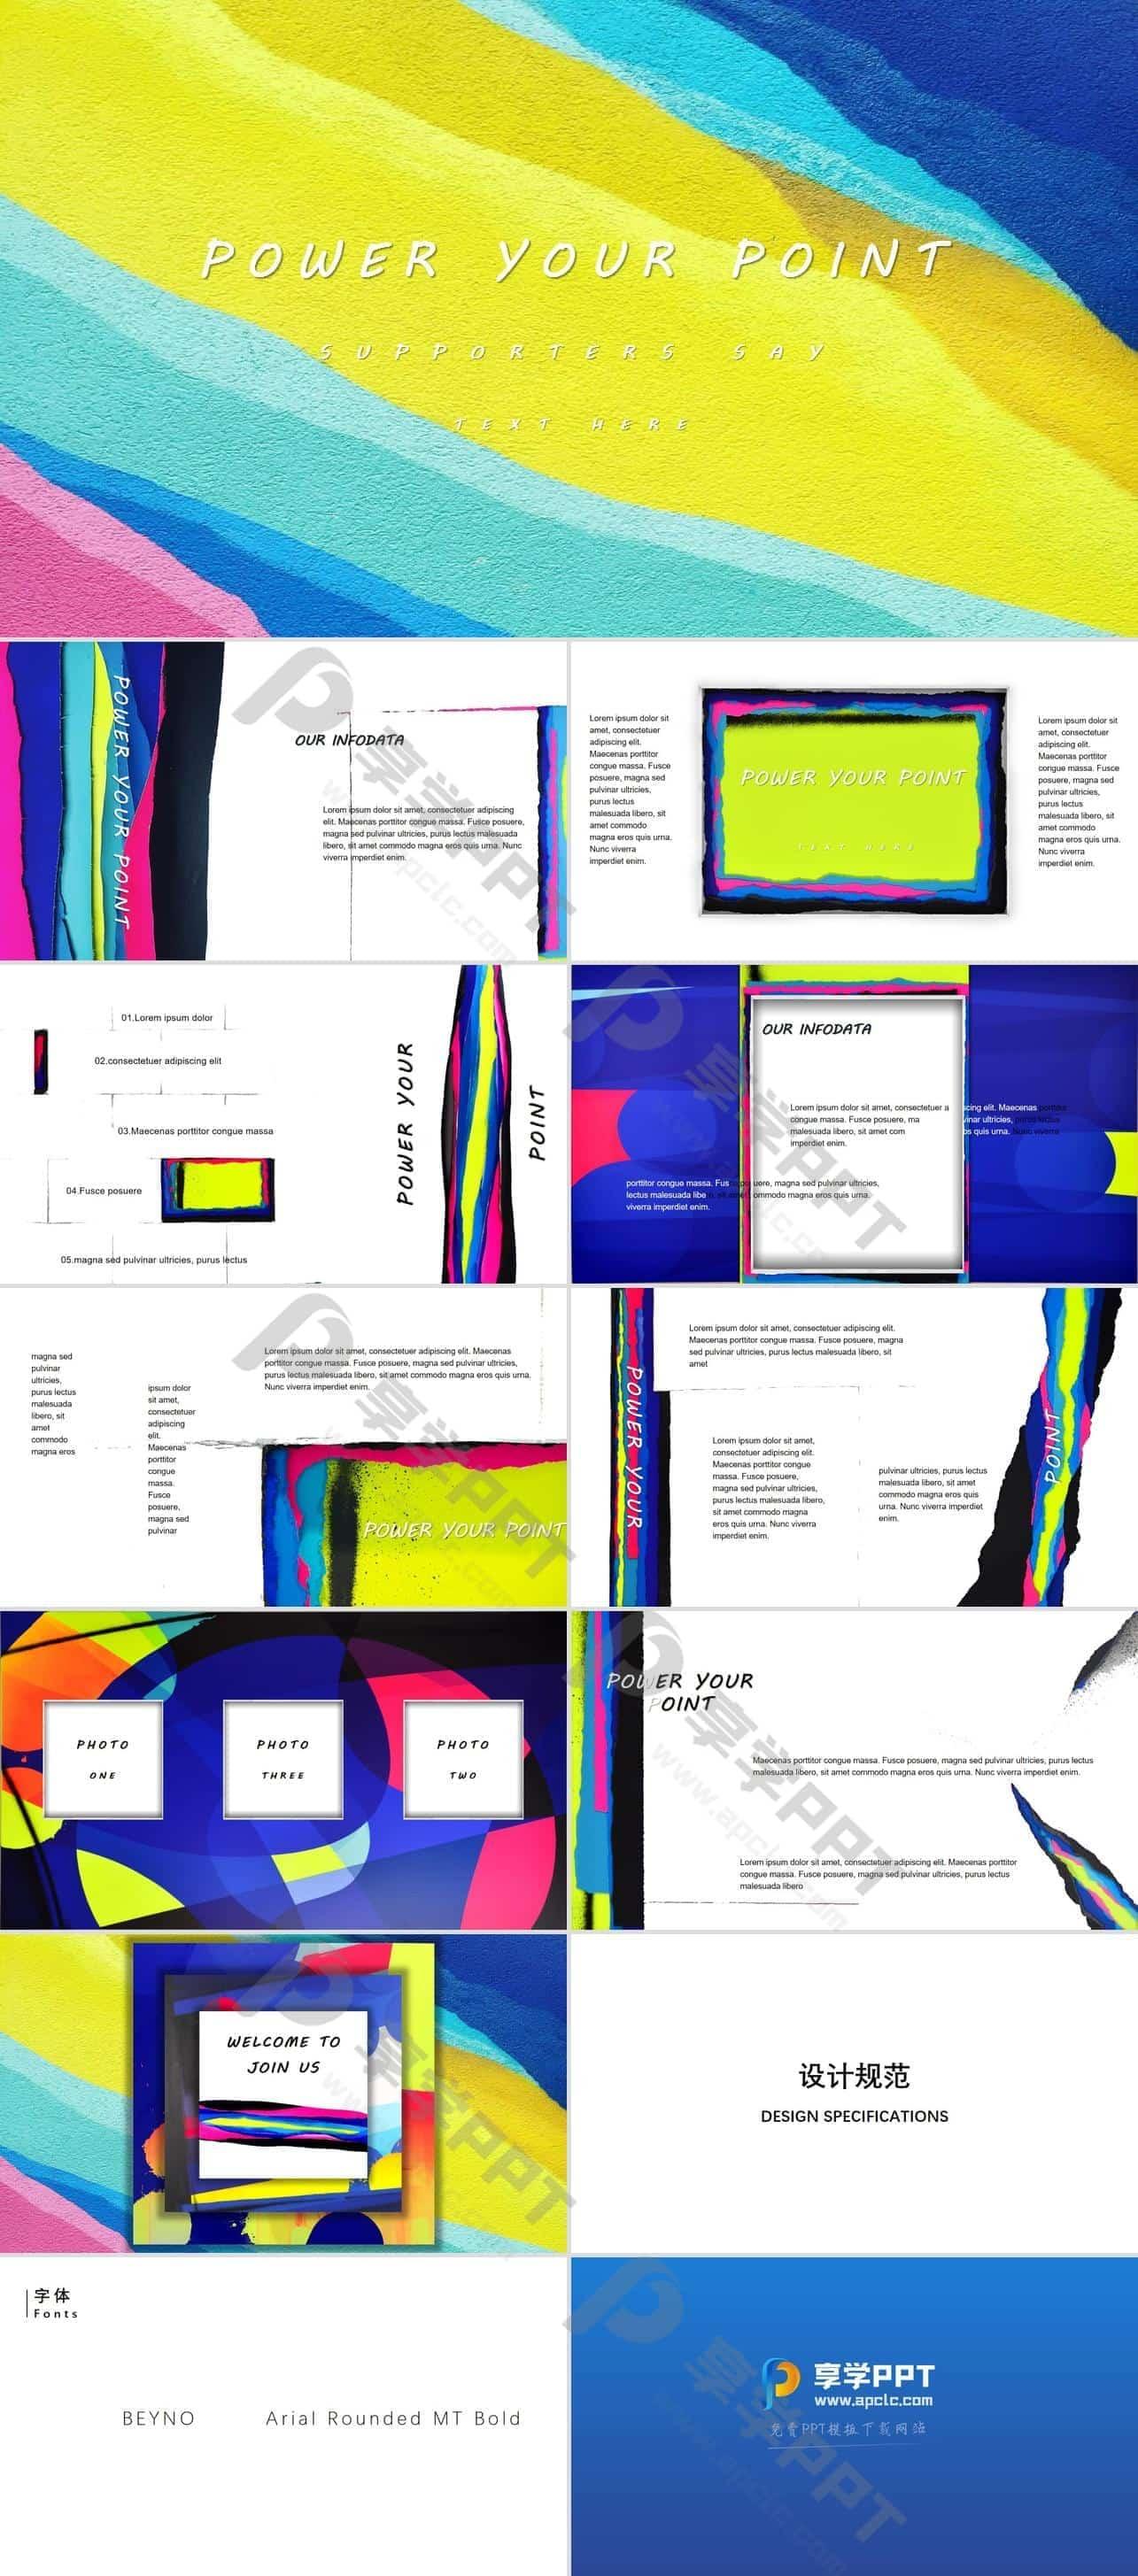 活力彩色沙子封面抽象艺术范PPT模板长图